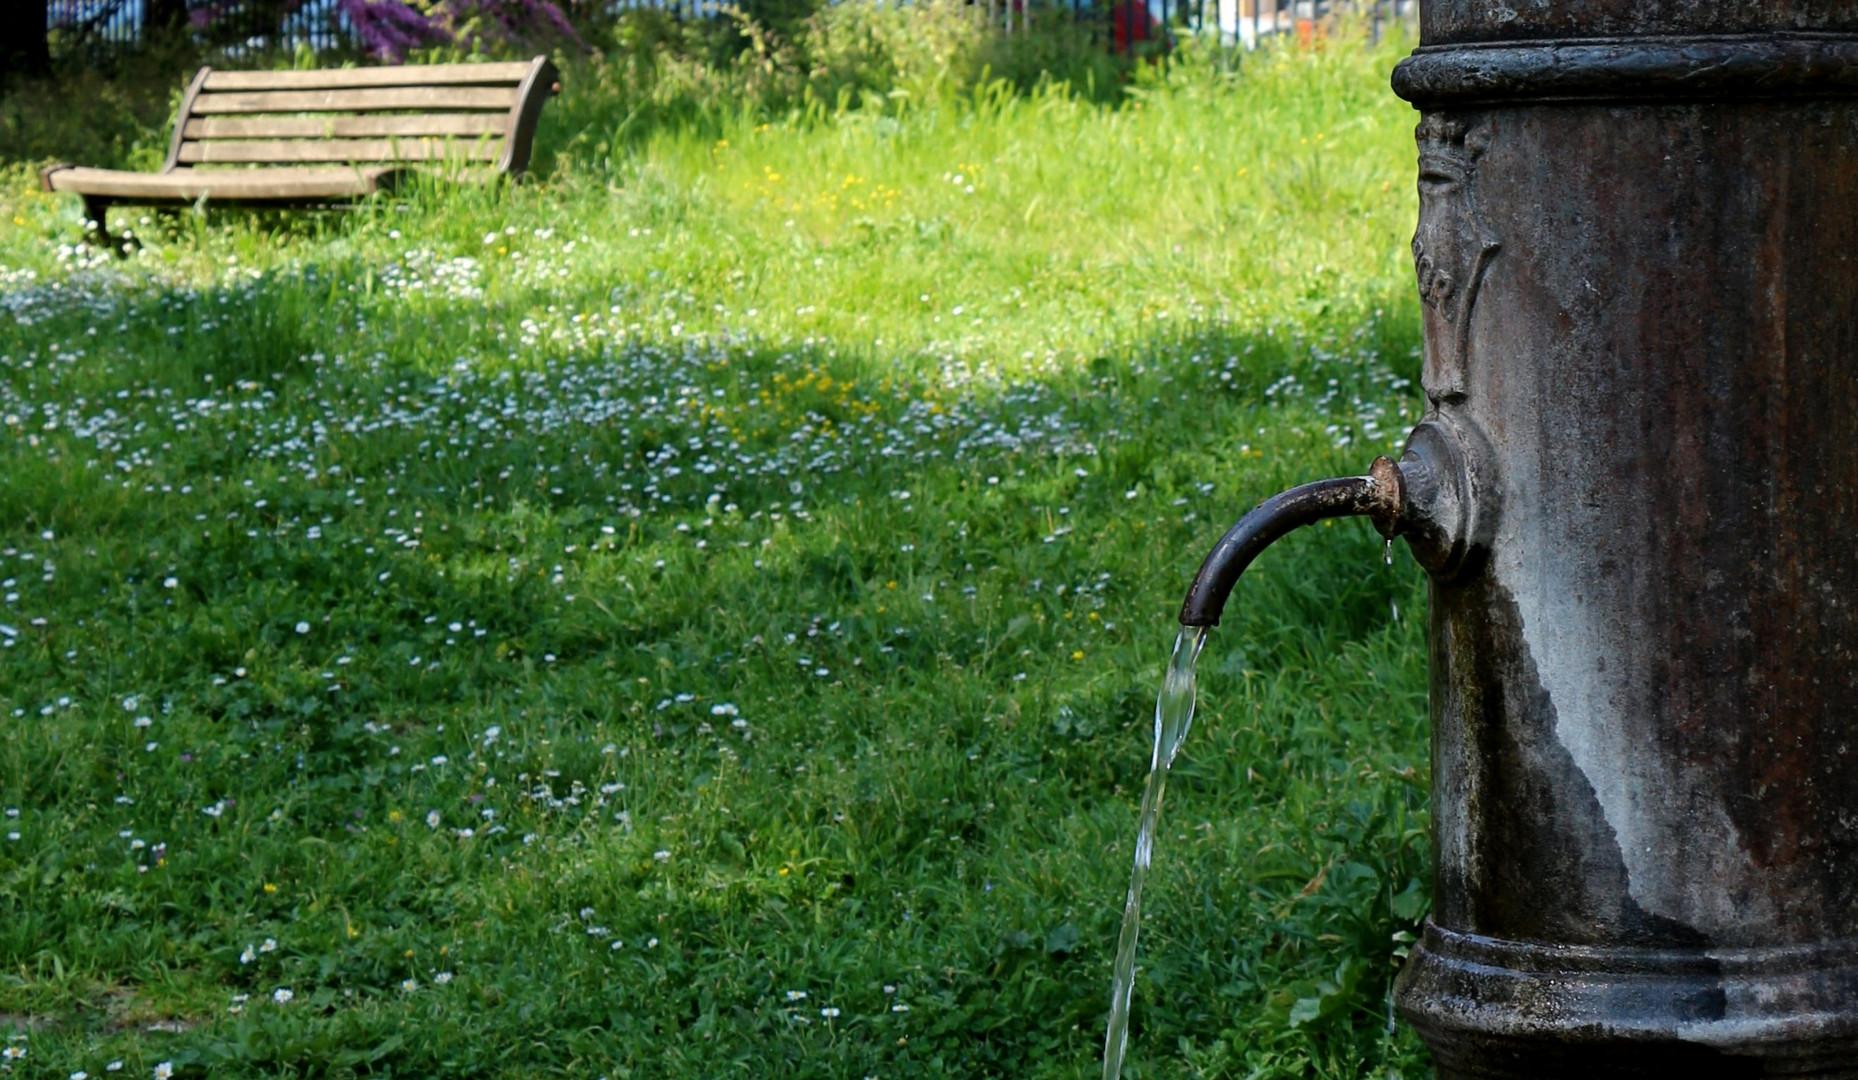 Ho il sole, ho l'acqua, ho l'aria e il prato fiorito...